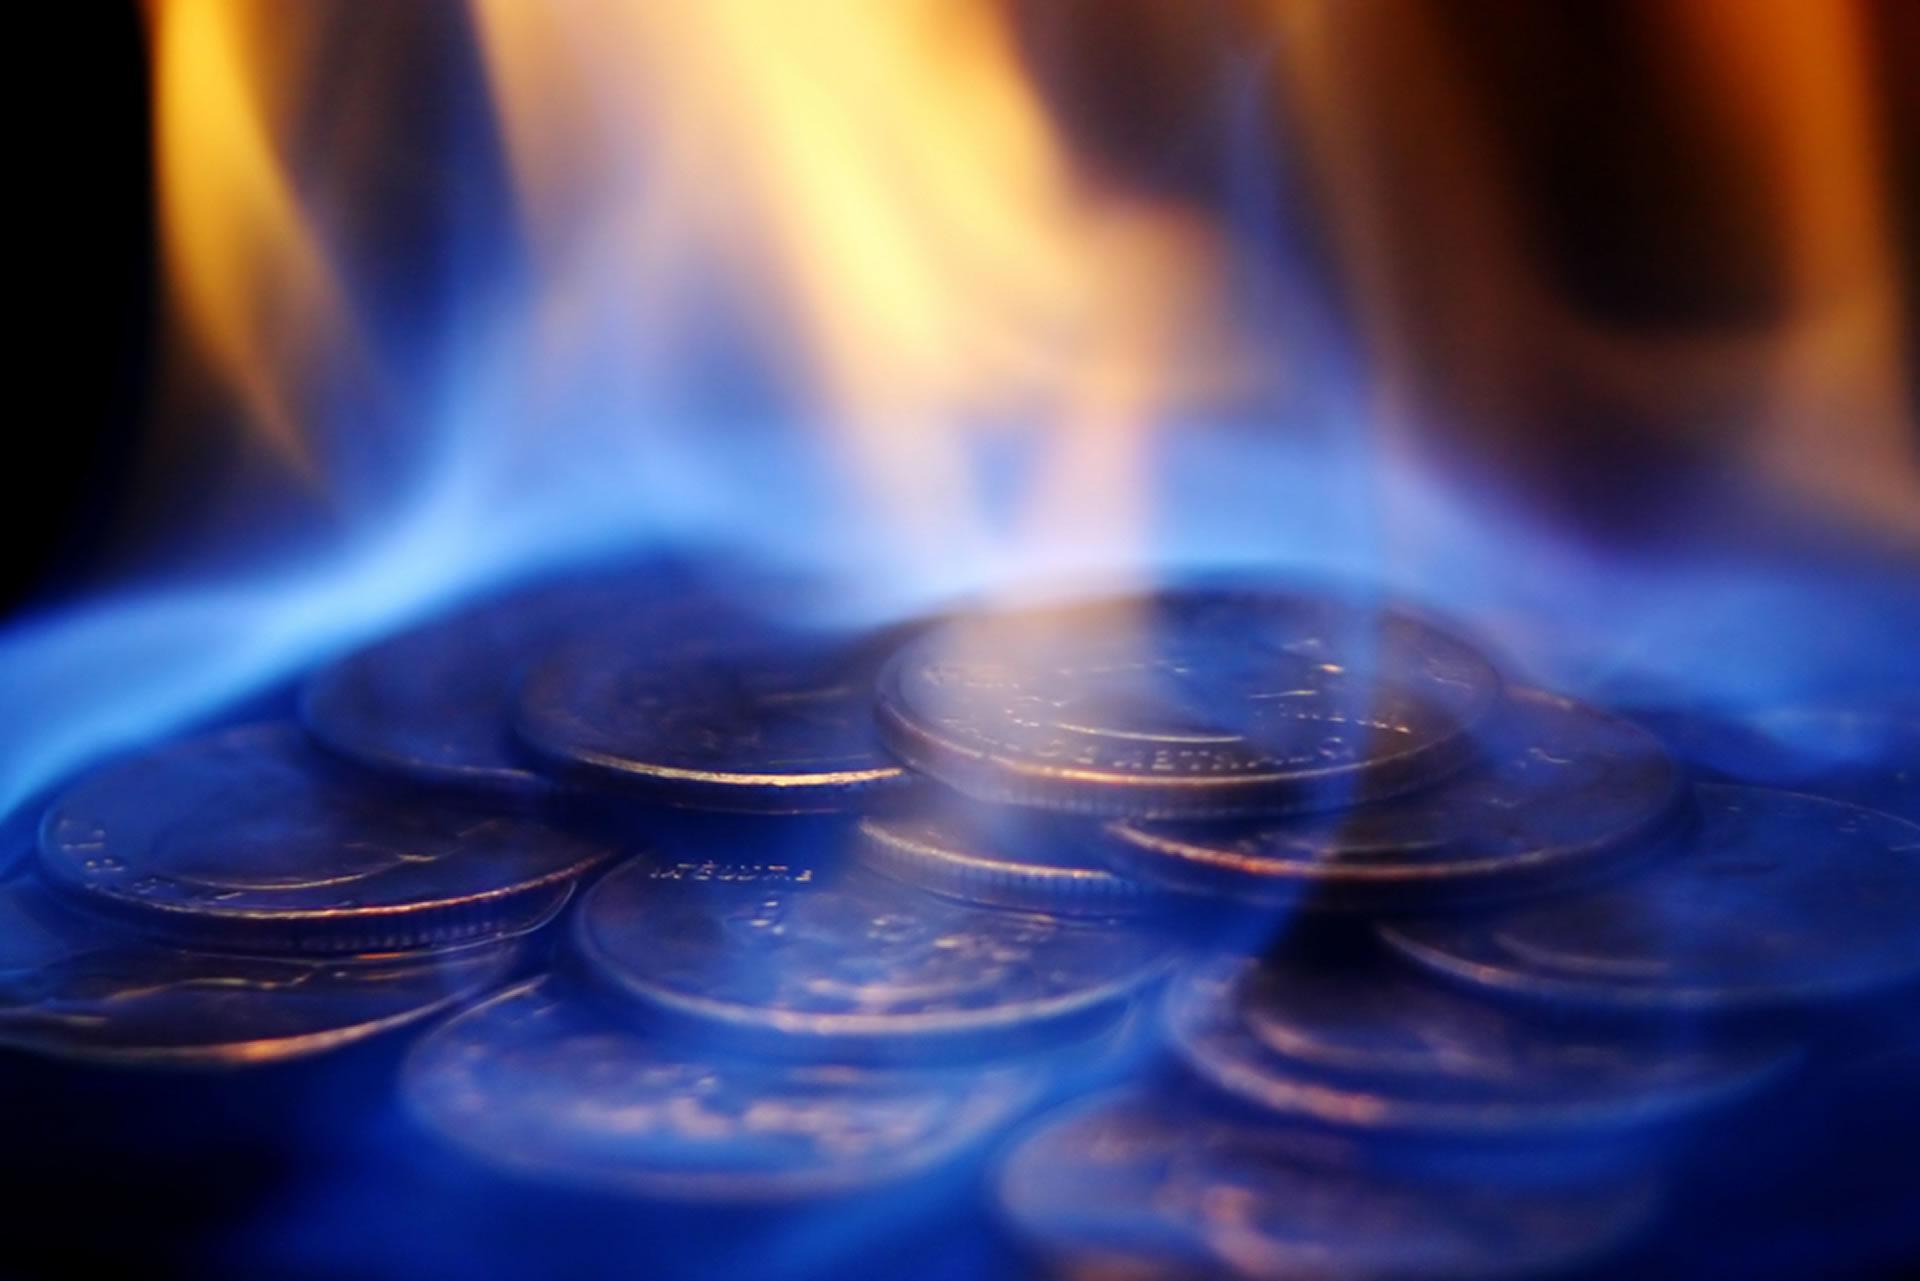 crypto coin burn XLM